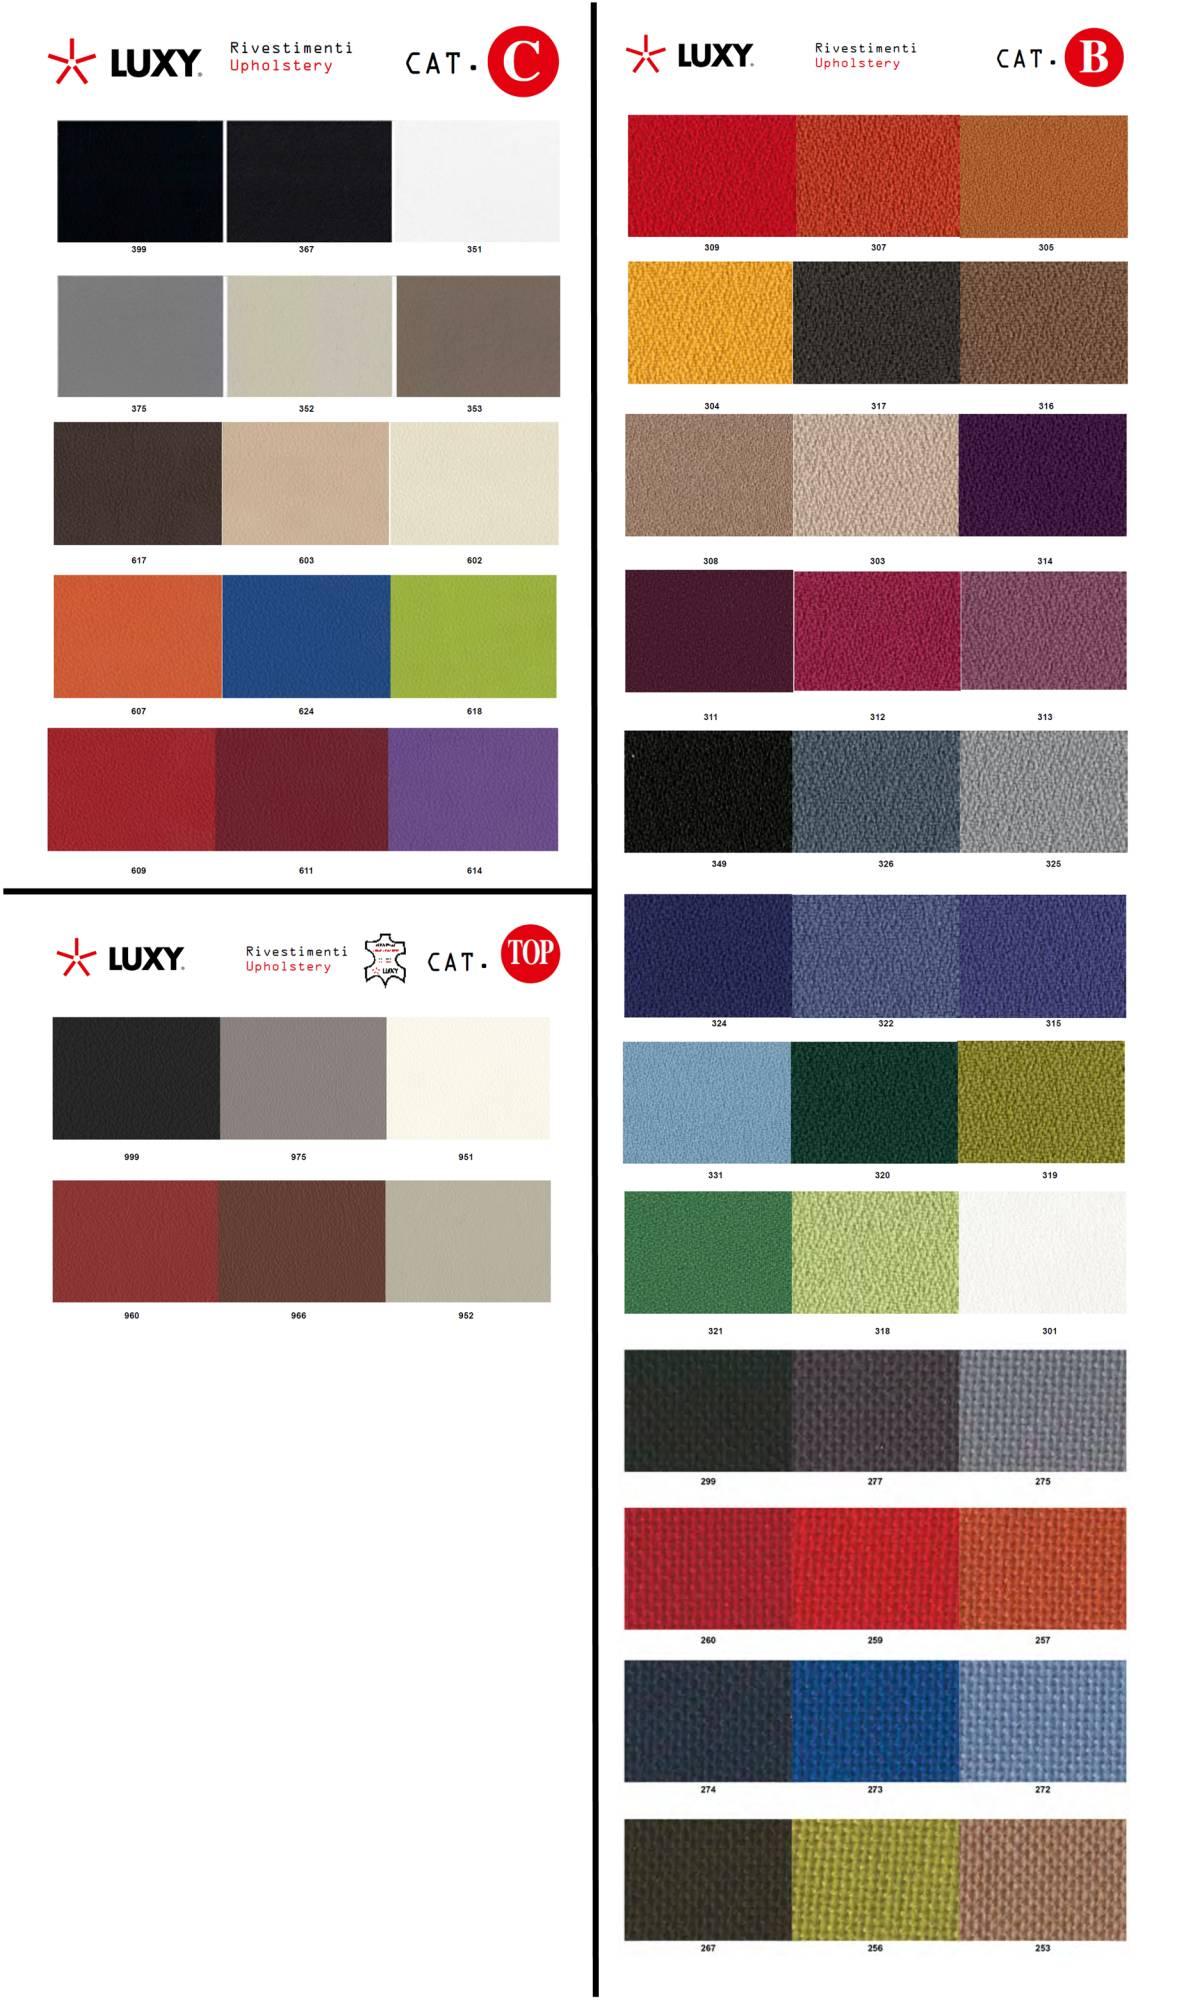 tabella_colori_pratica